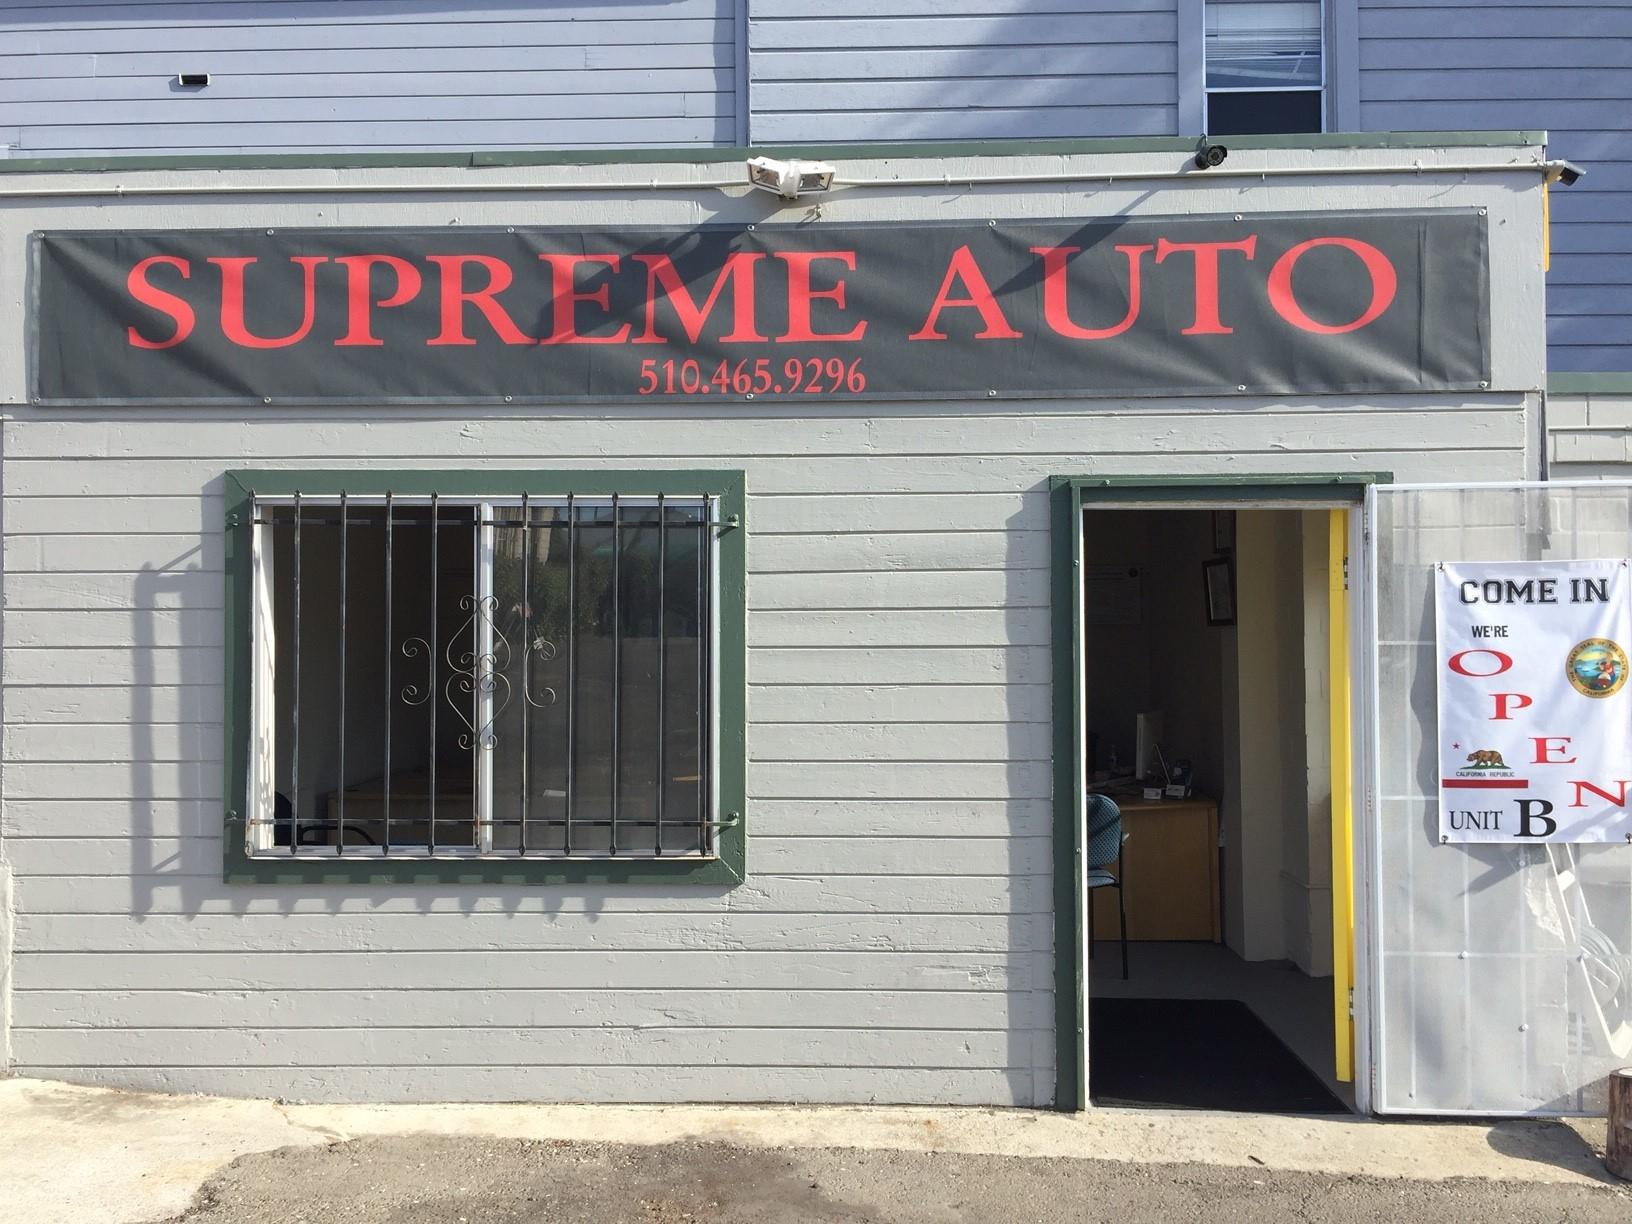 Supreme clothes store near me